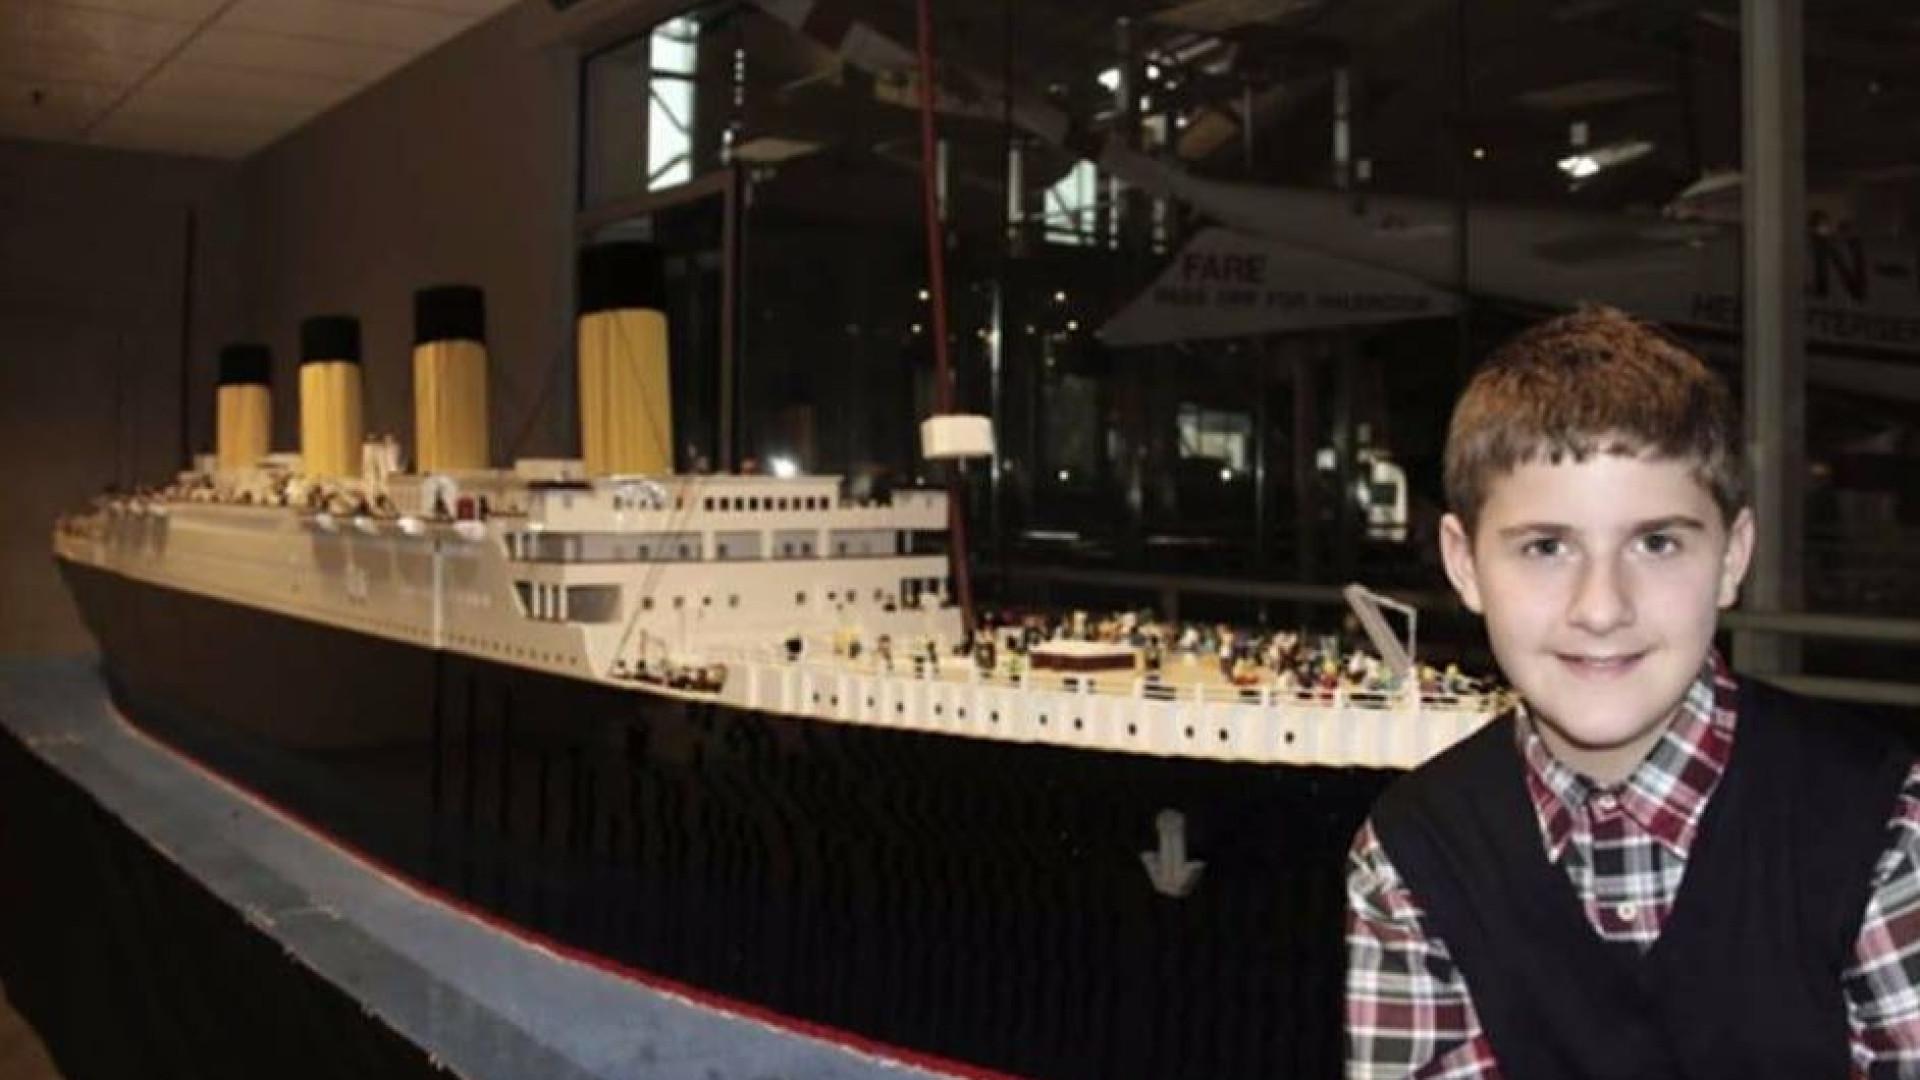 Menino com autismo construiu em Lego a maior réplica do mundo do Titanic